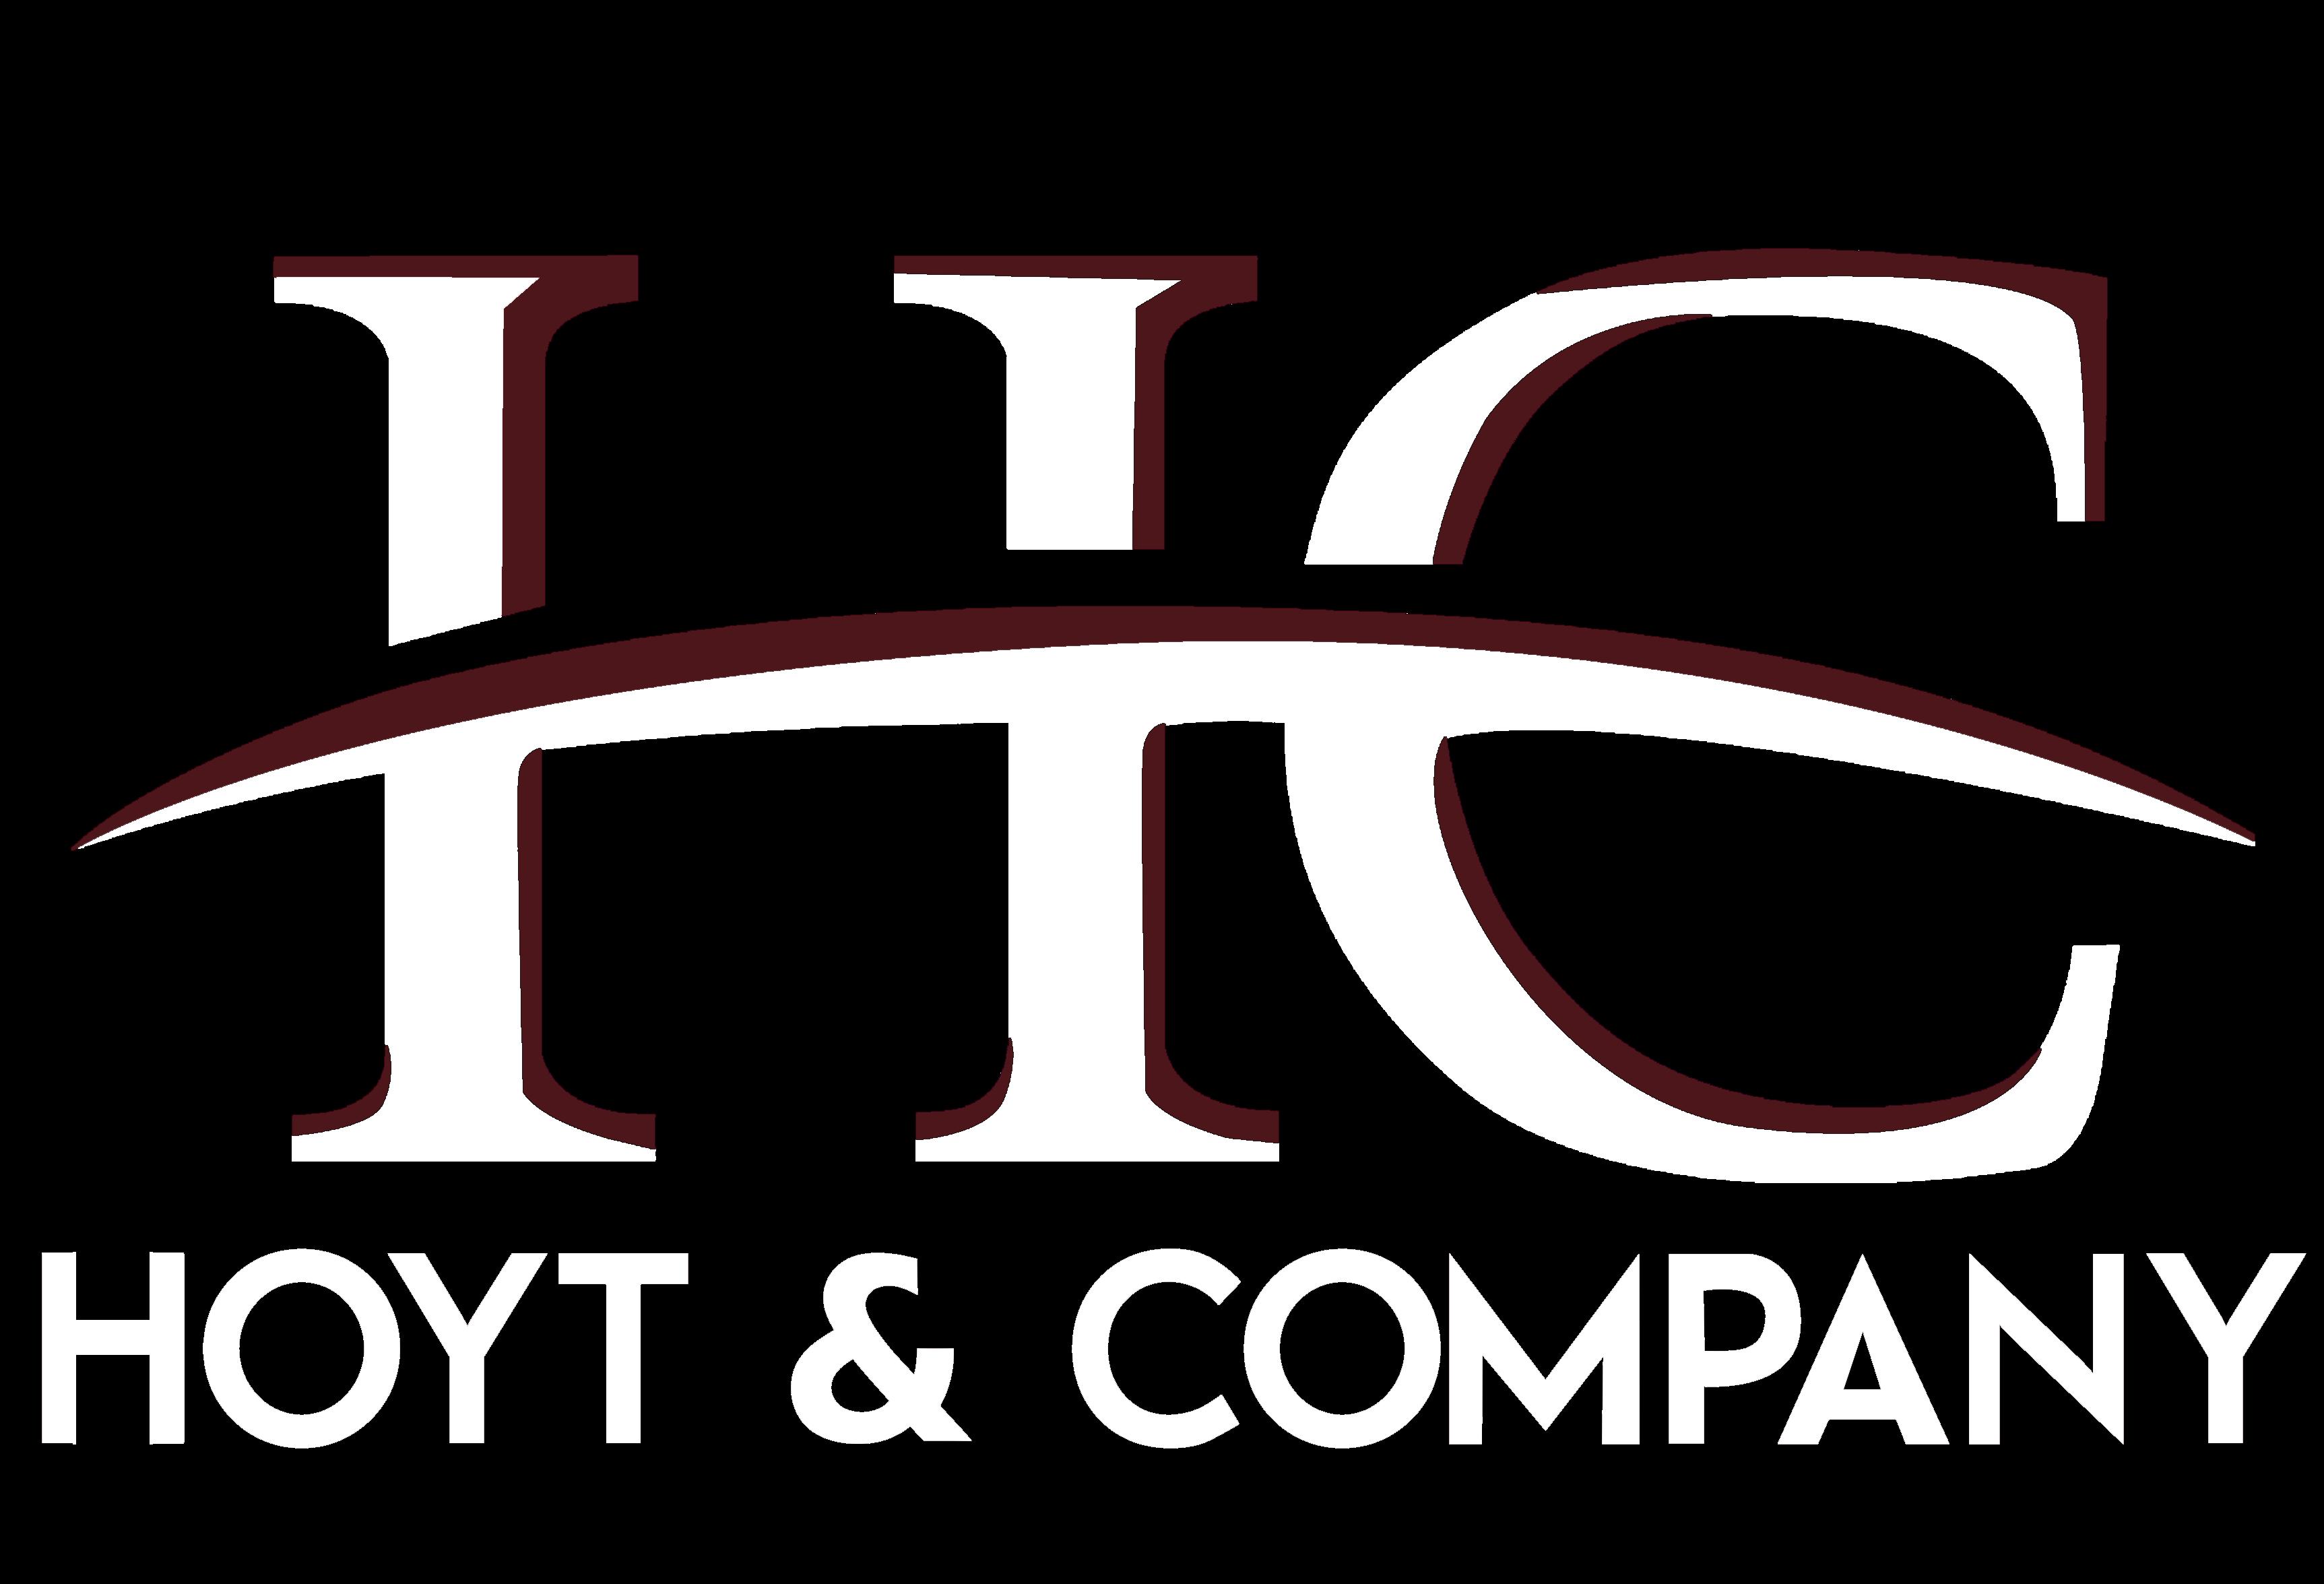 HOYT & COMPANY